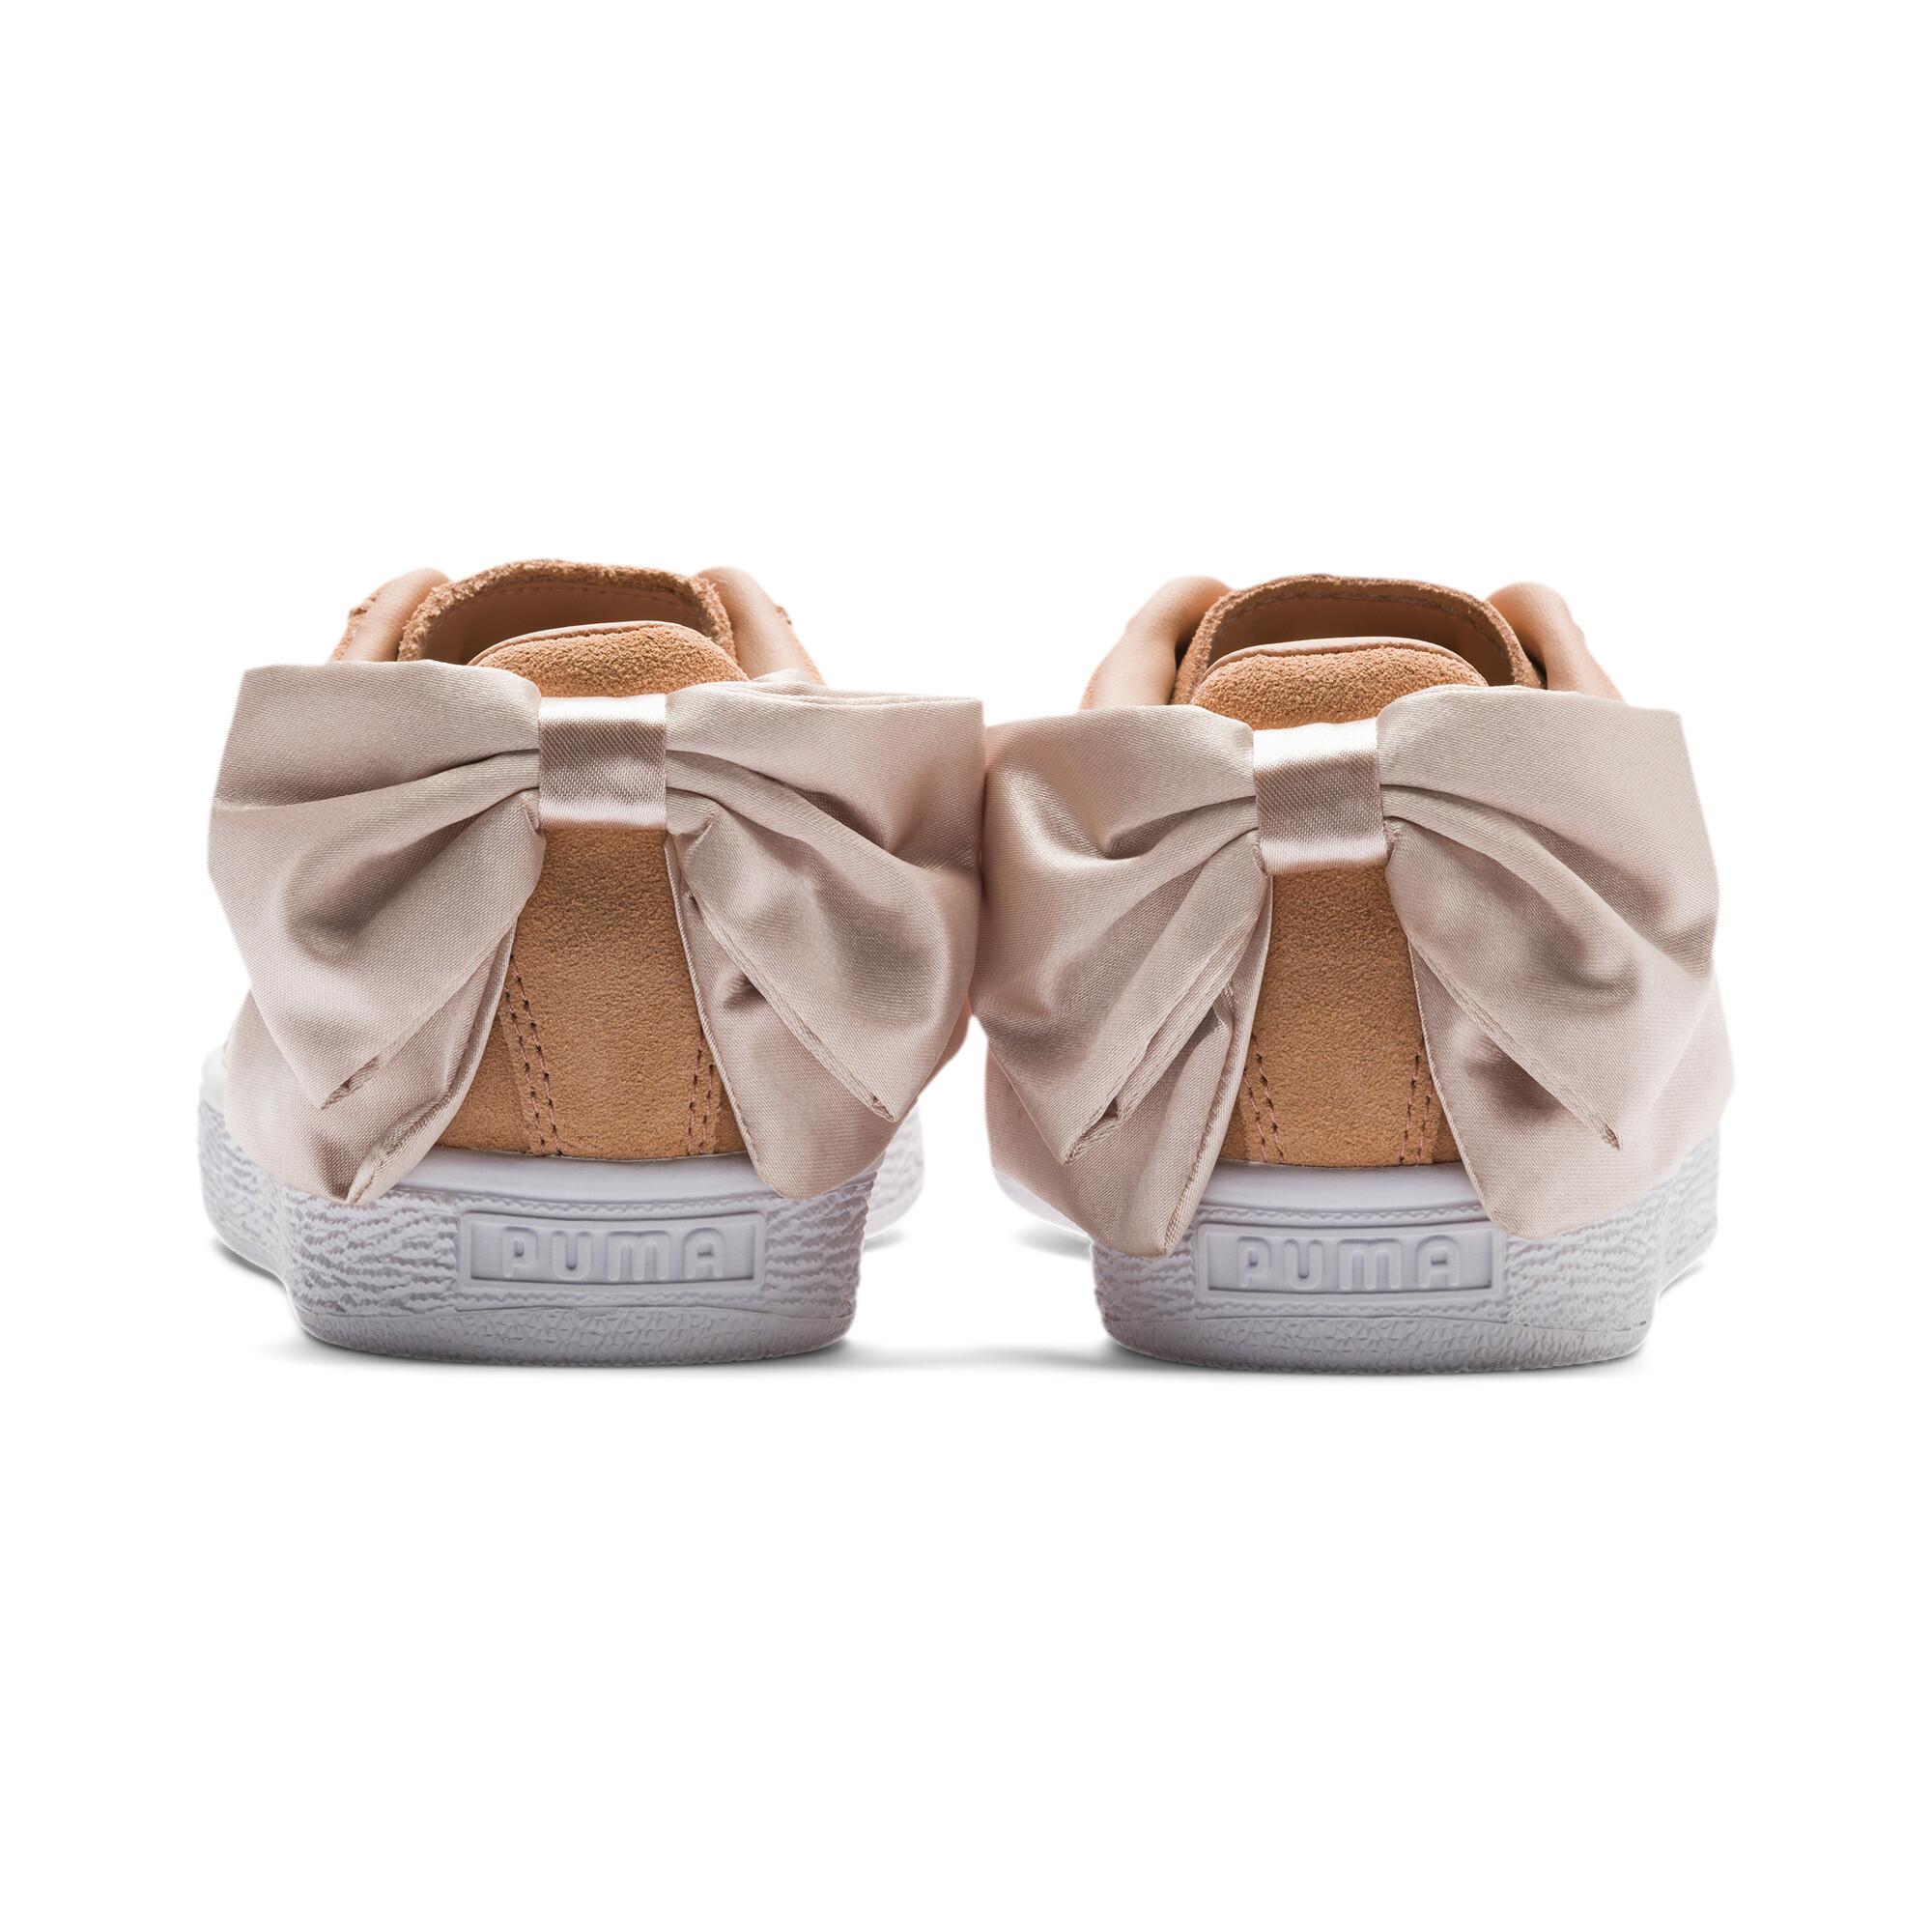 Indexbild 11 - PUMA Suede Bow Damen Frauen Schuhe Sport Classics Neu